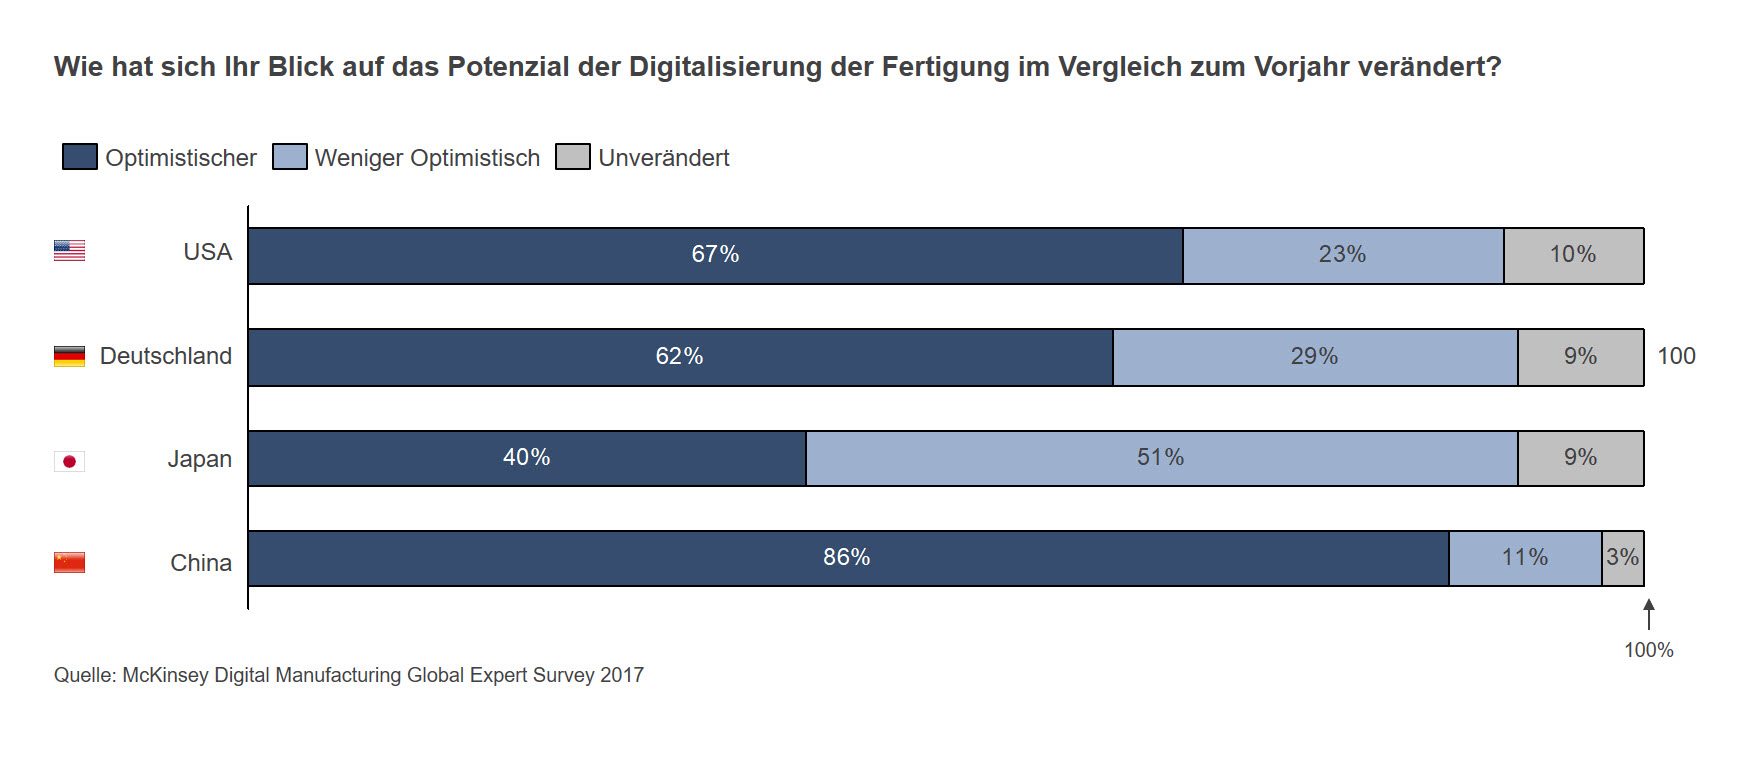 Potenzial der Digitalisierung in der Fertigung